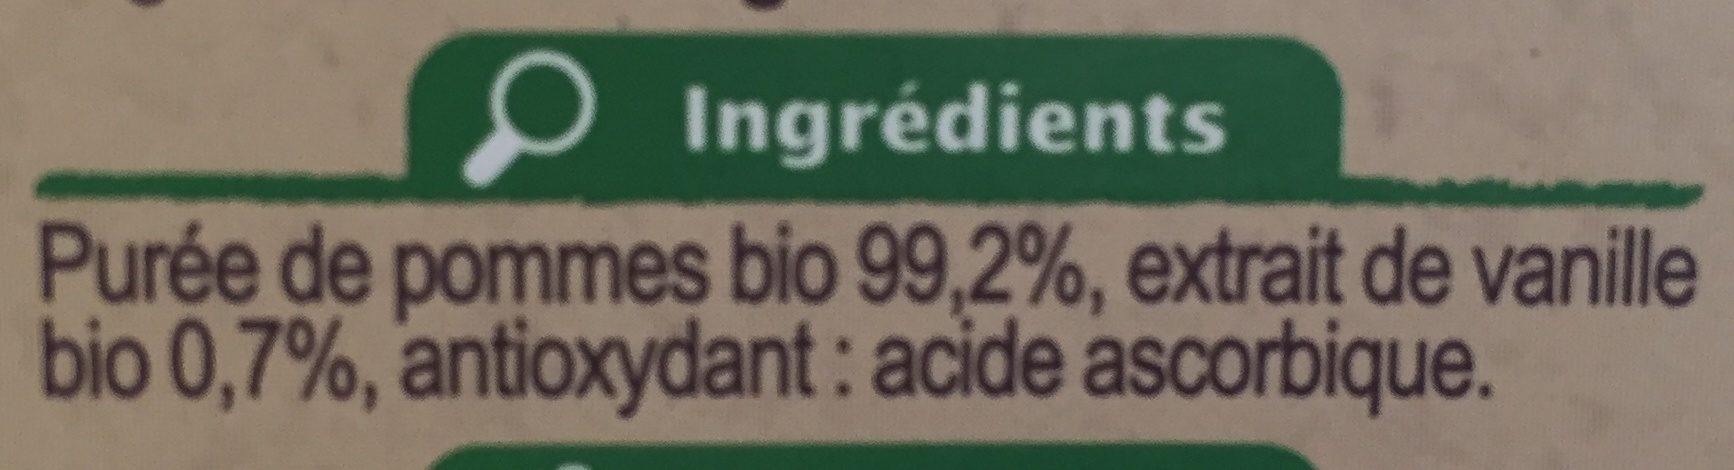 Purée de pommes à la vanille - Ingrédients - fr